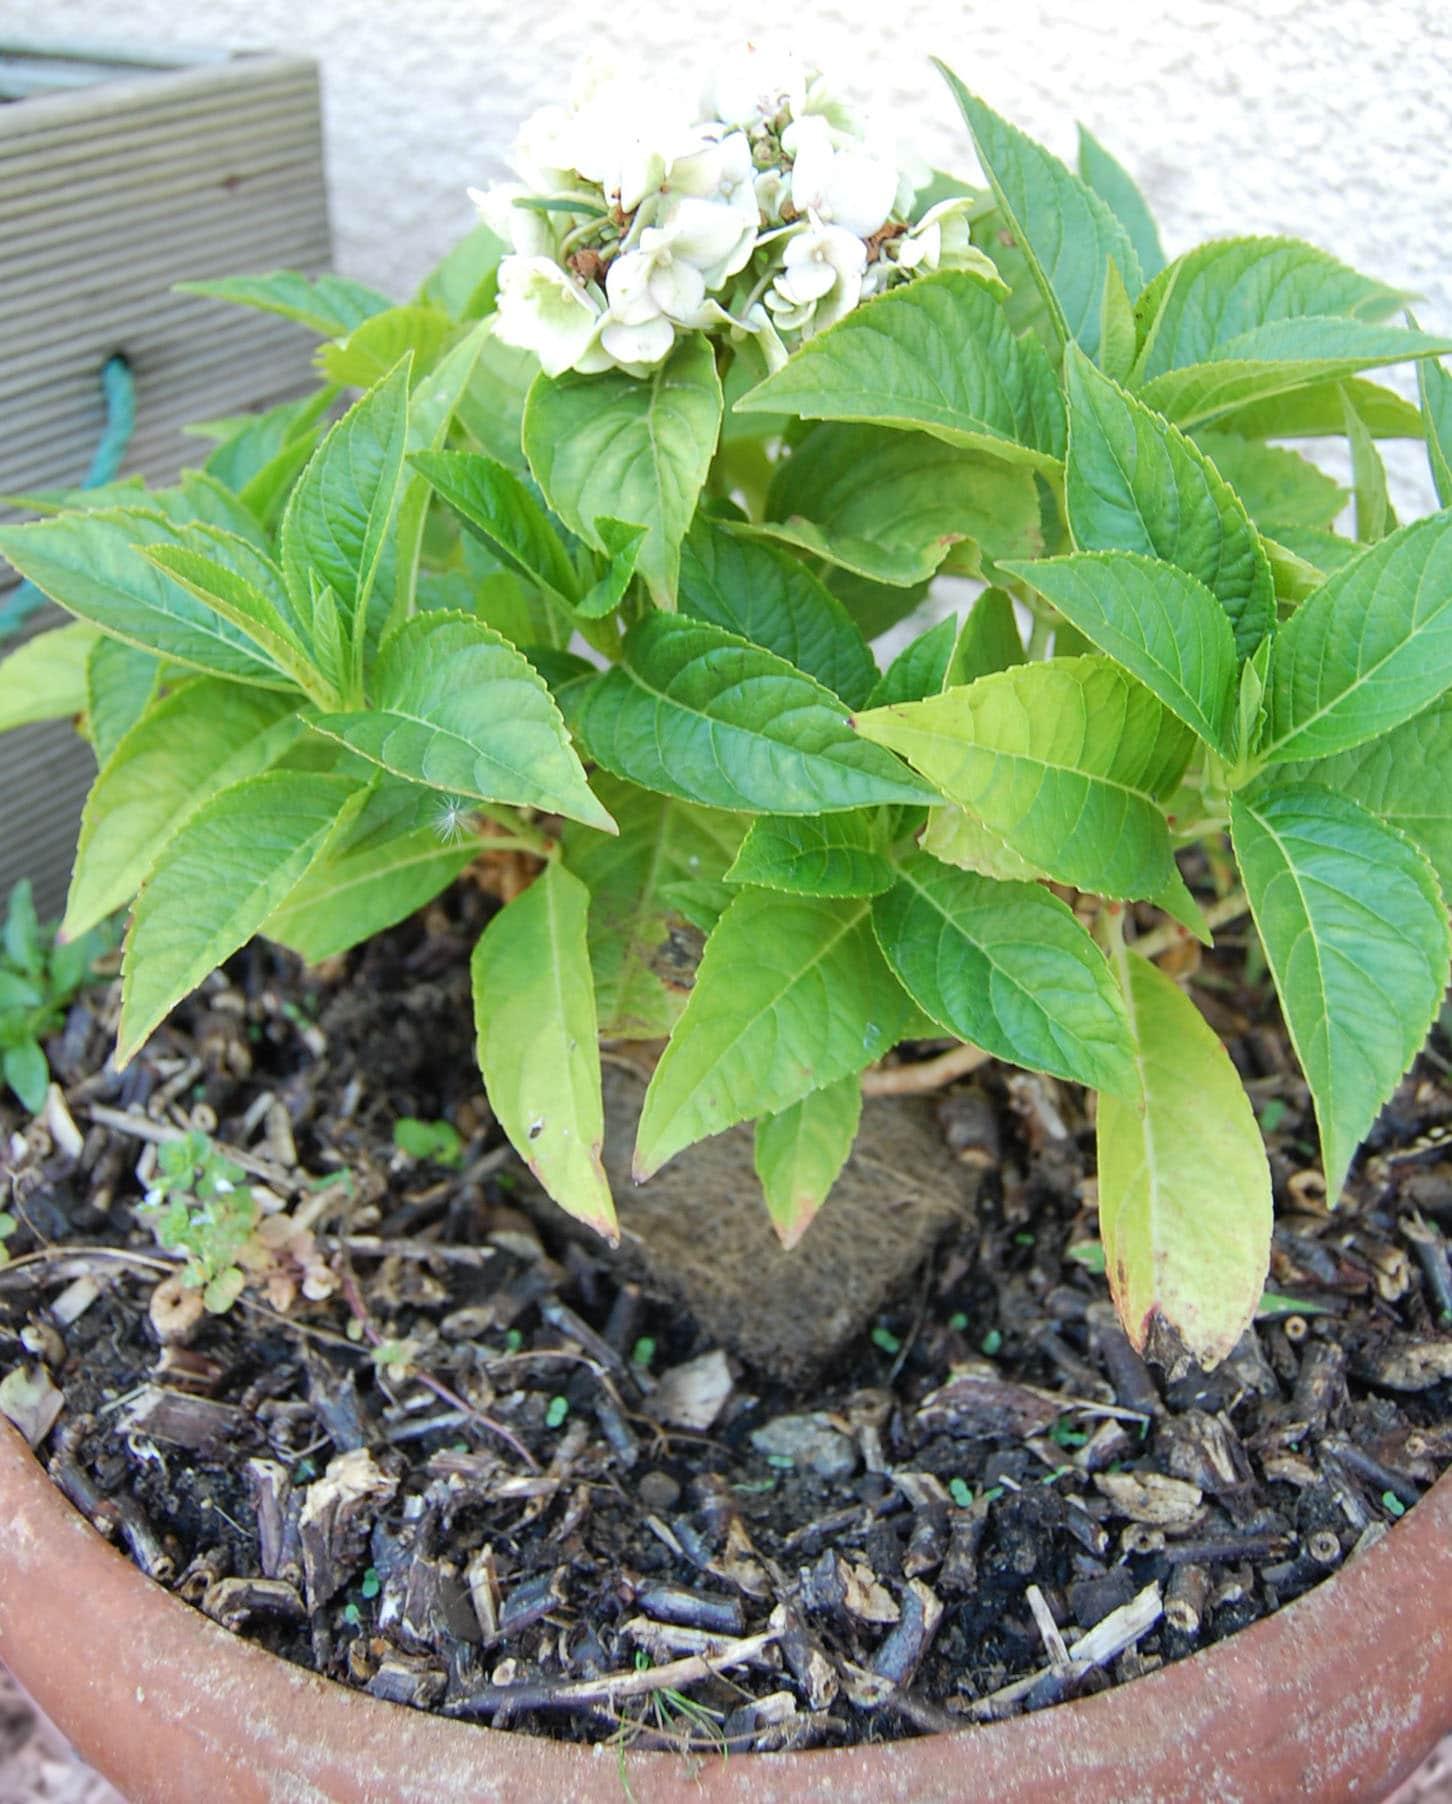 astuces pratiq protéger plantes – groupe sister